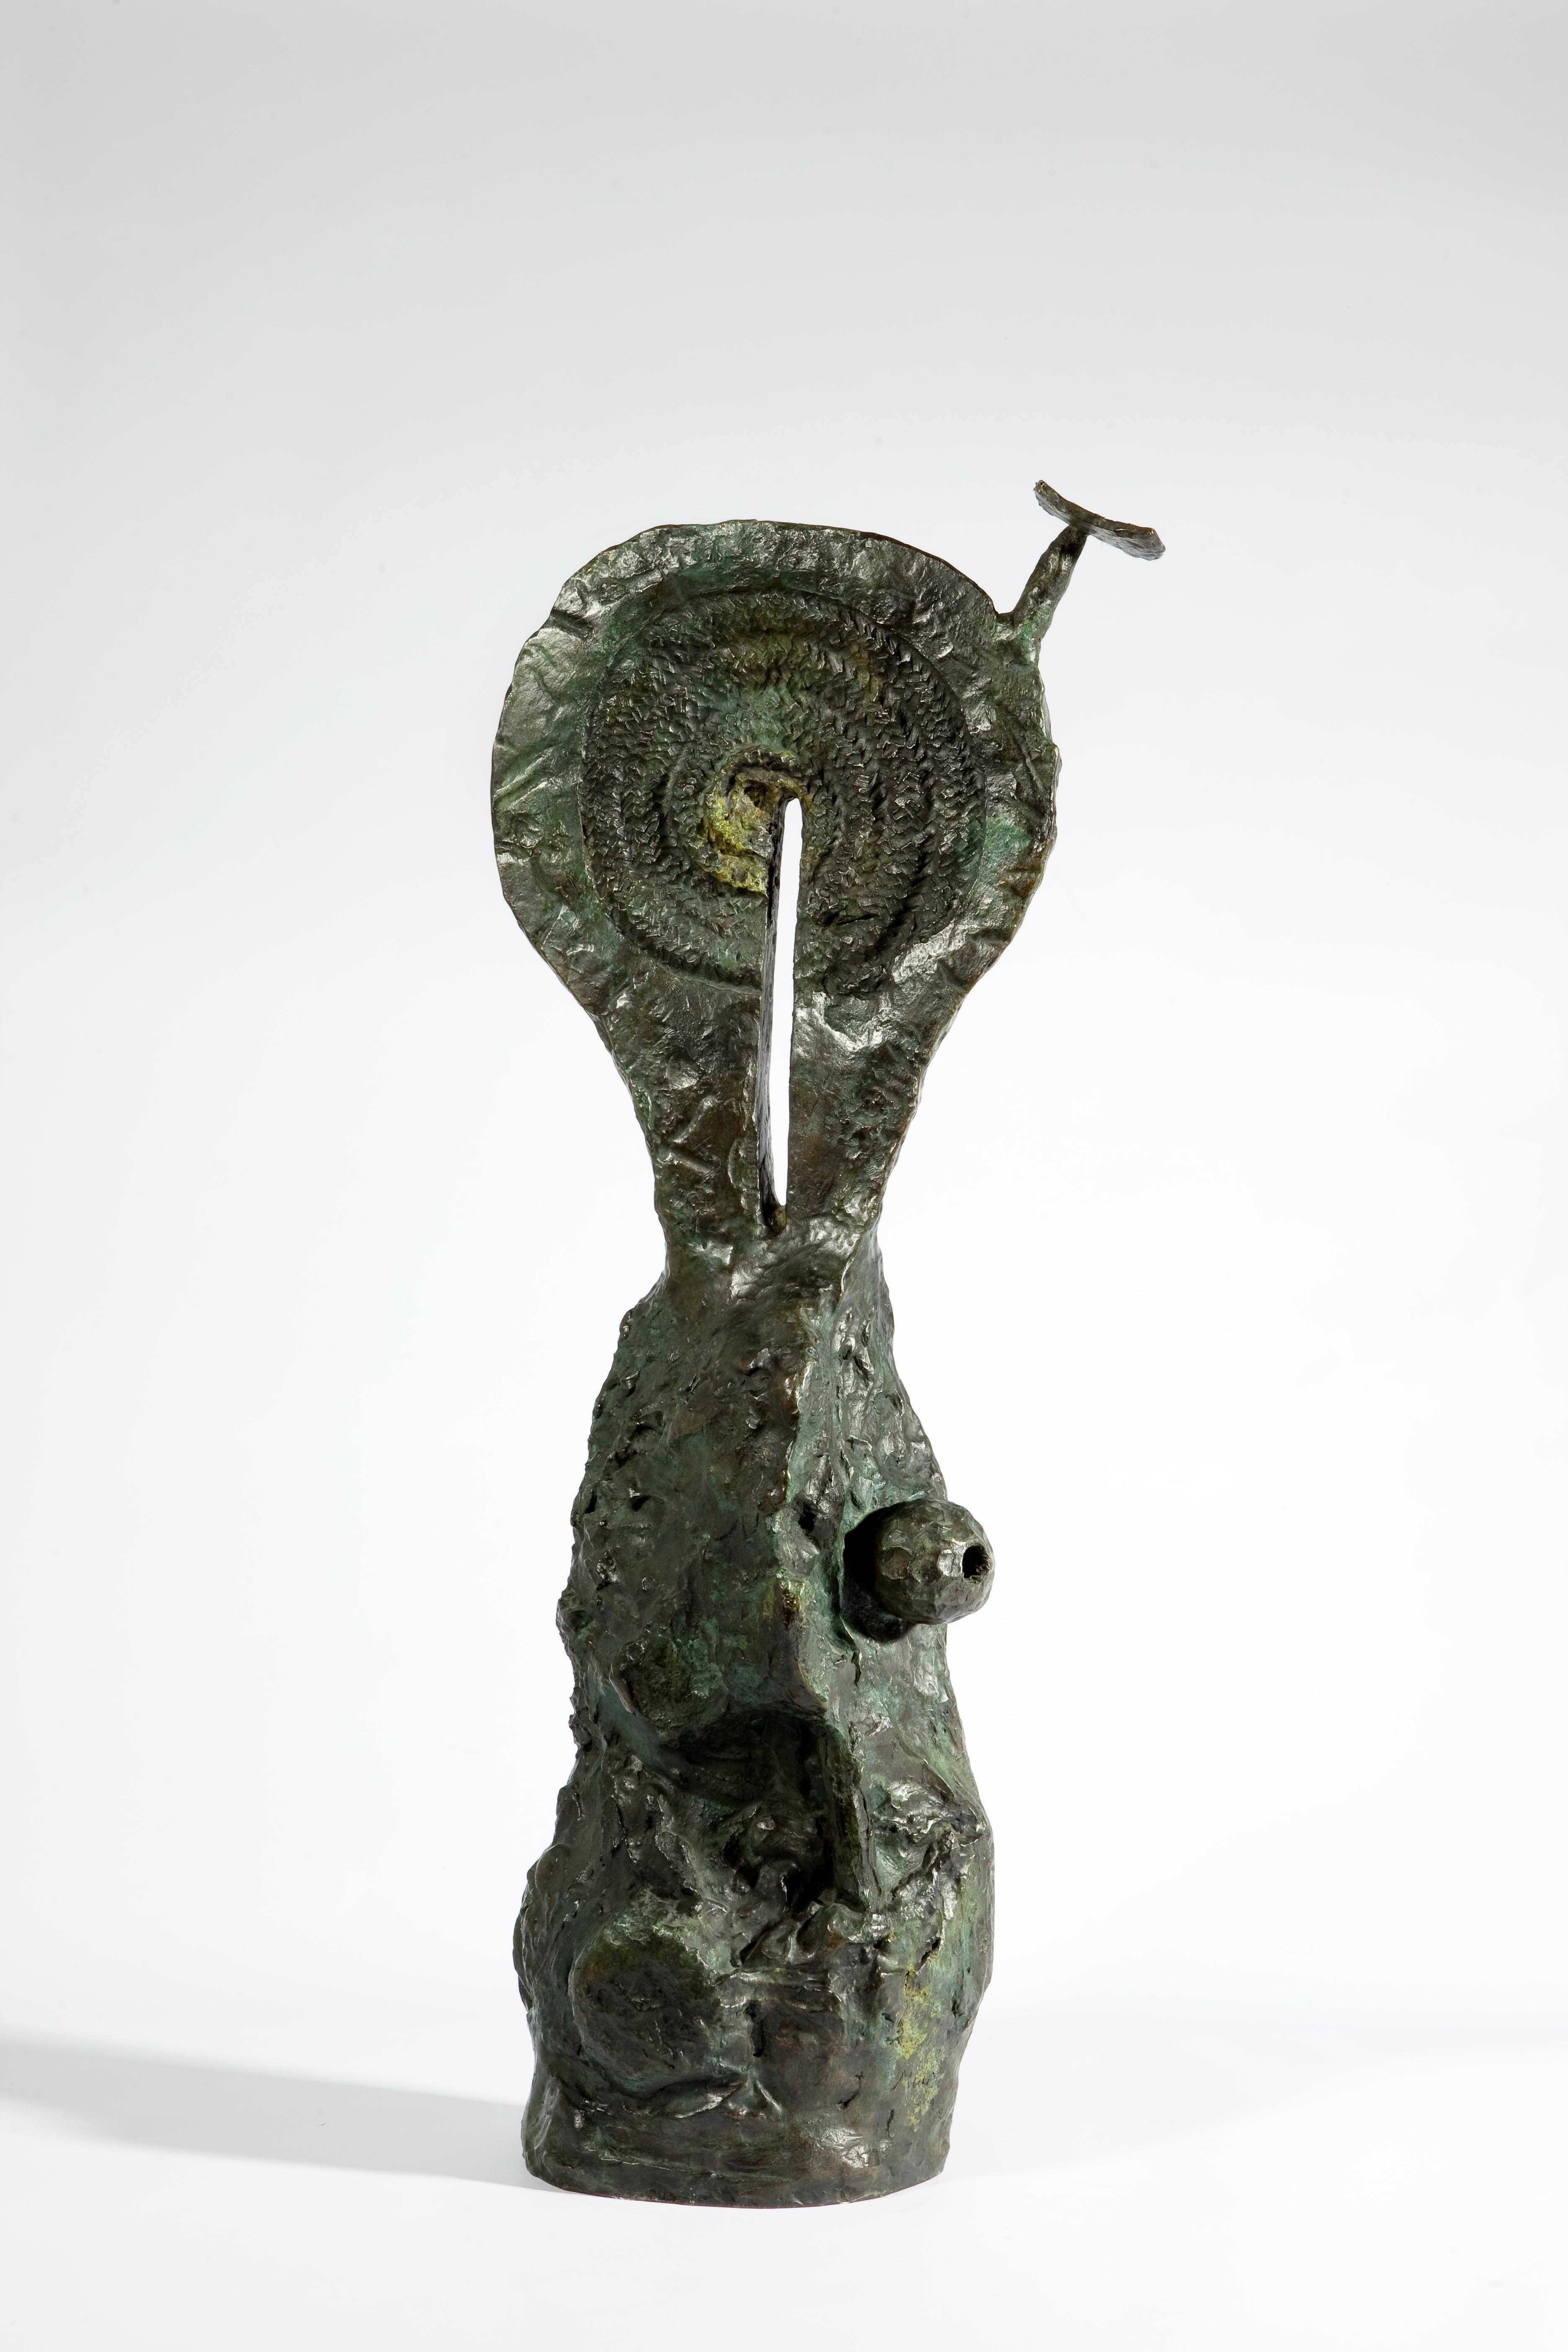 Femme au chapeau, 1972, Bronze; Exemplar 2/2; Leihgabe des Förderkreises für die Kunsthalle Mannheim e.V. seit 1996; gestiftet von Heinrich Vetter, Ilvesheim; © Successió Miró / VG Bild-Kunst, Bonn 2013